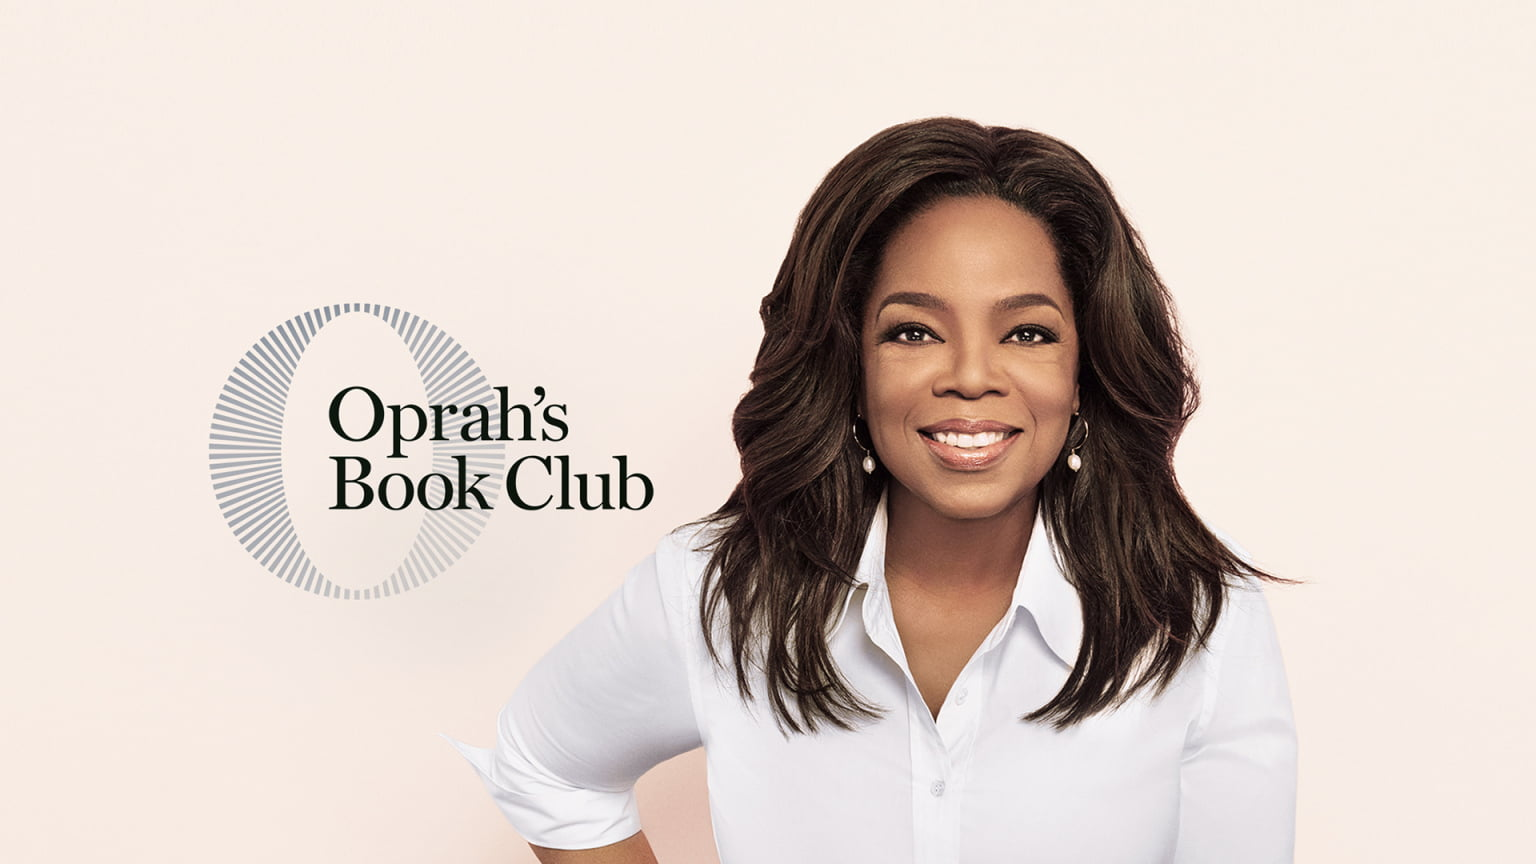 Apple i Oprah rozszerzają współpracę o nową funkcję Siri w zakresie rekomendacji książek